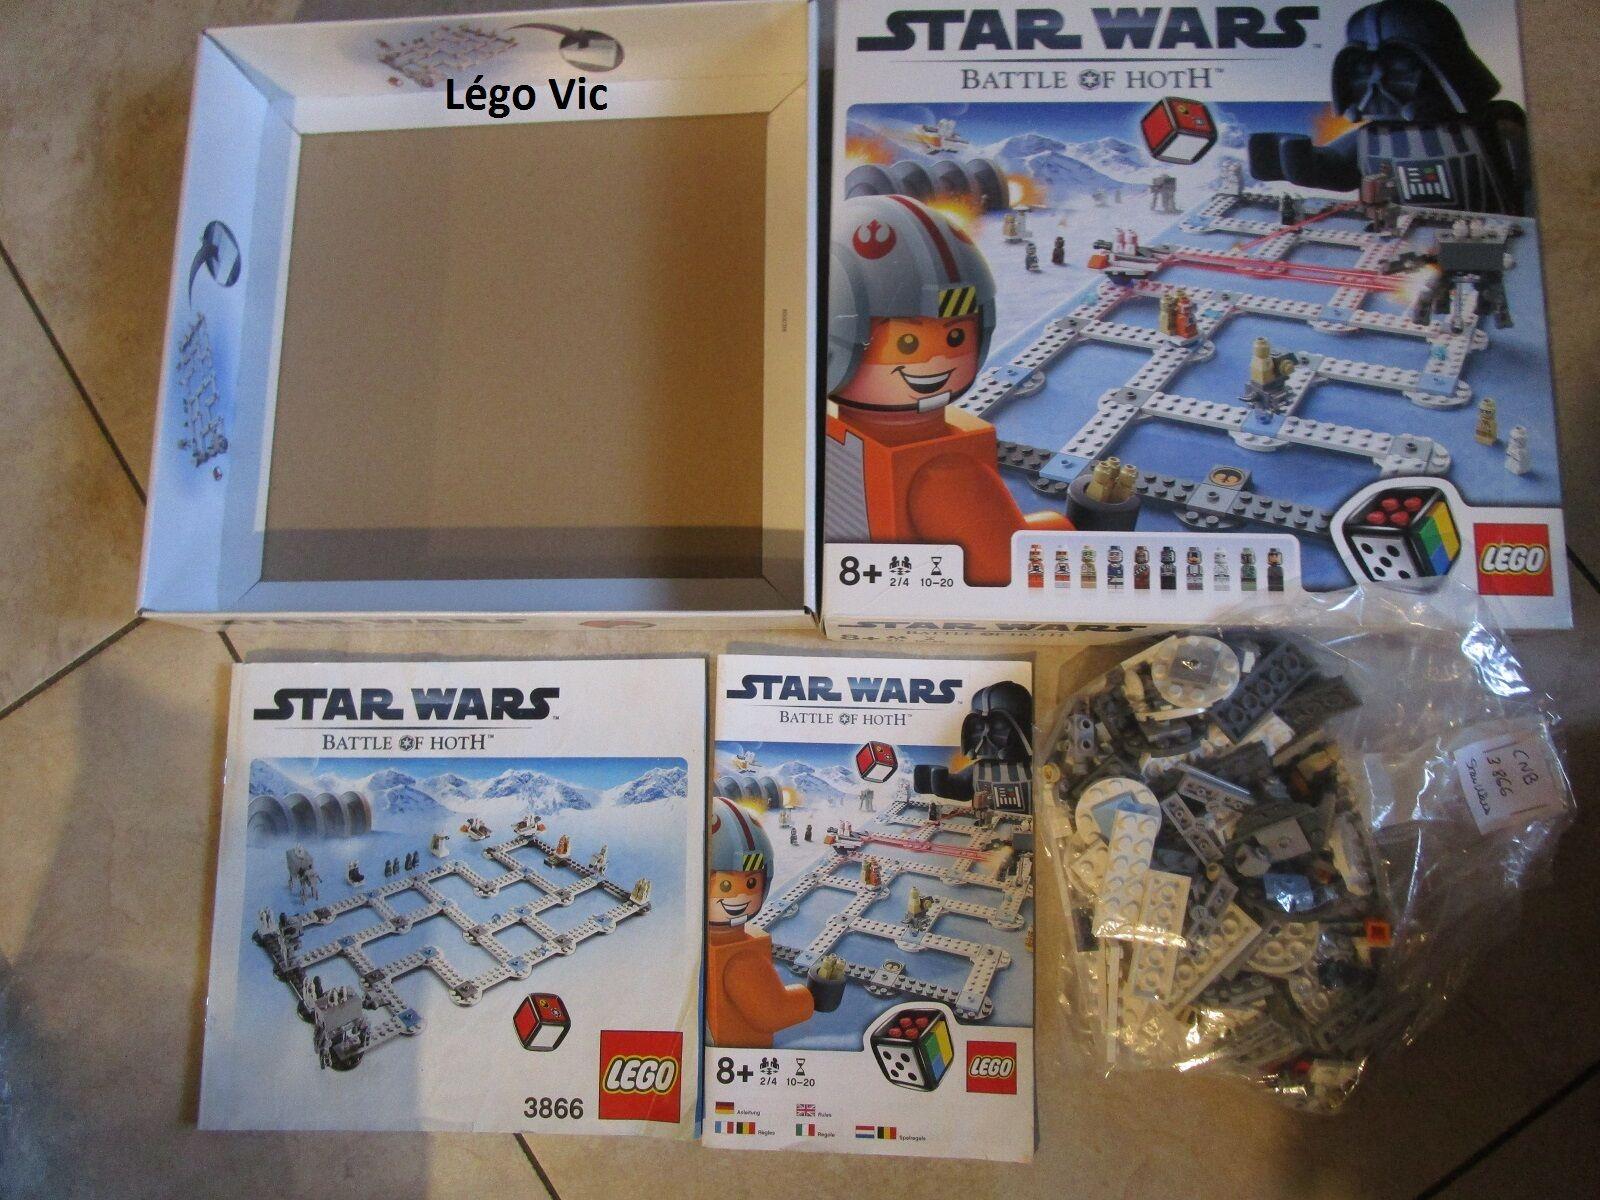 Lego 3866 Star Wars Battle of Hoth jeux de société complet boite notice -CNB1